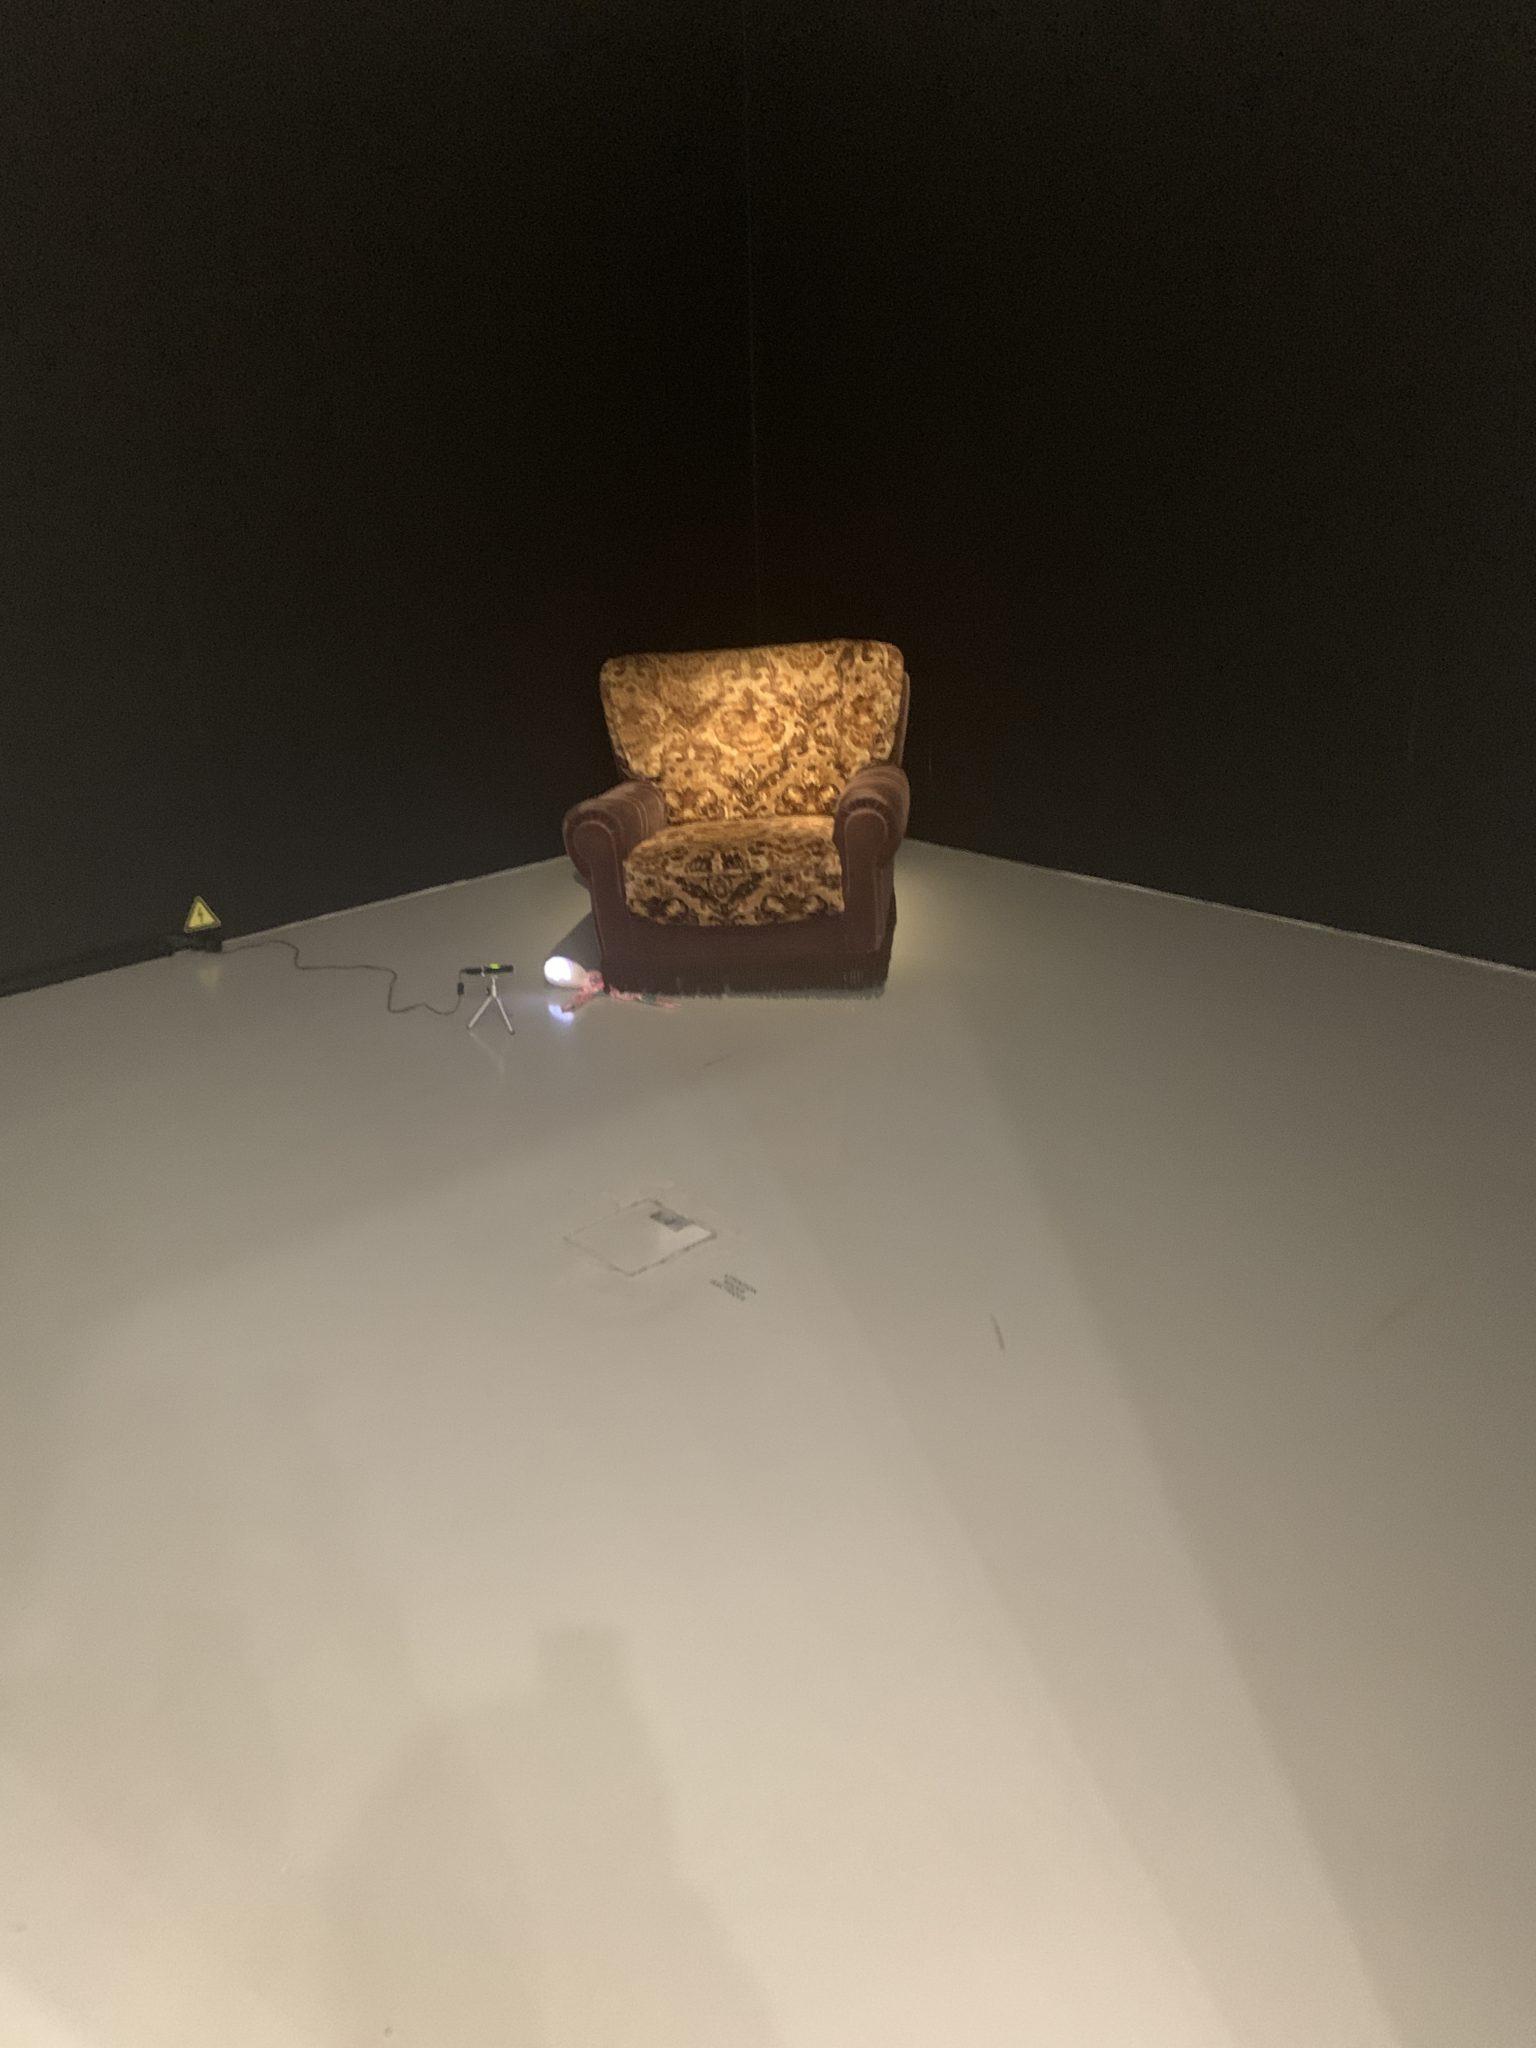 Tony Oursler, «How does it feel», 1995, Installation video : fauteuil, poupée de chiffon, moon-projecteur, video couleur et son. Durée : 5'20». Collection Frac Grand Large – Hauts-de-France, Dunkerque. Courtesy artvisions2020